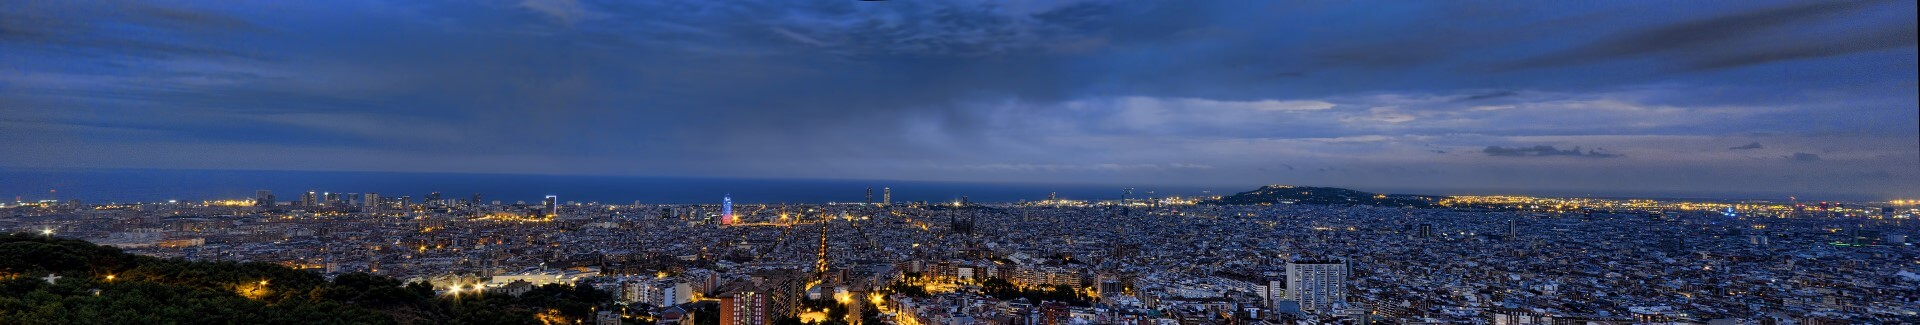 puesta de sol Atardecer desde el Bunker, Barcelona